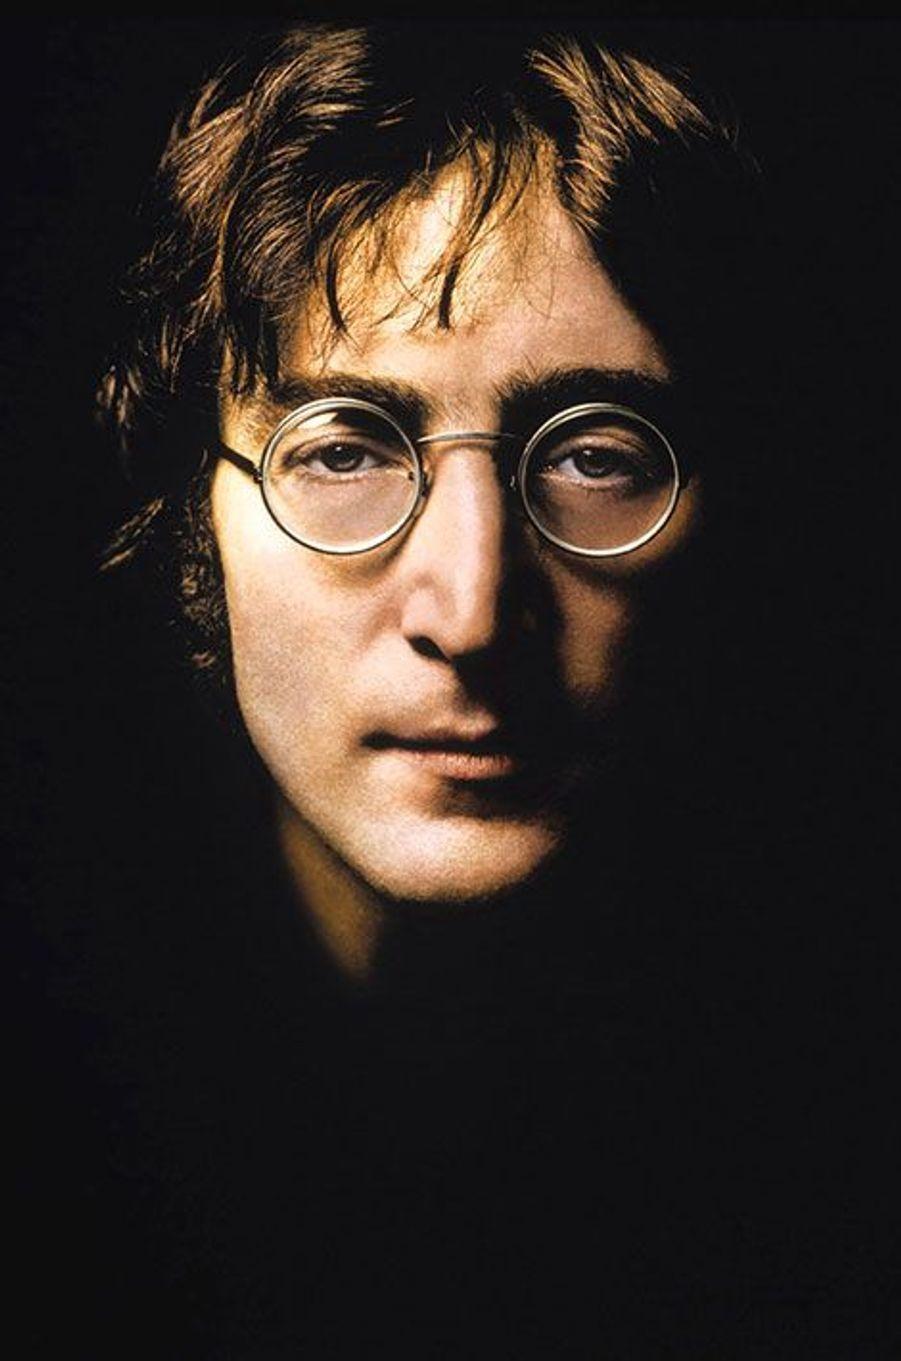 7- John Lennon 12 millions de dollars